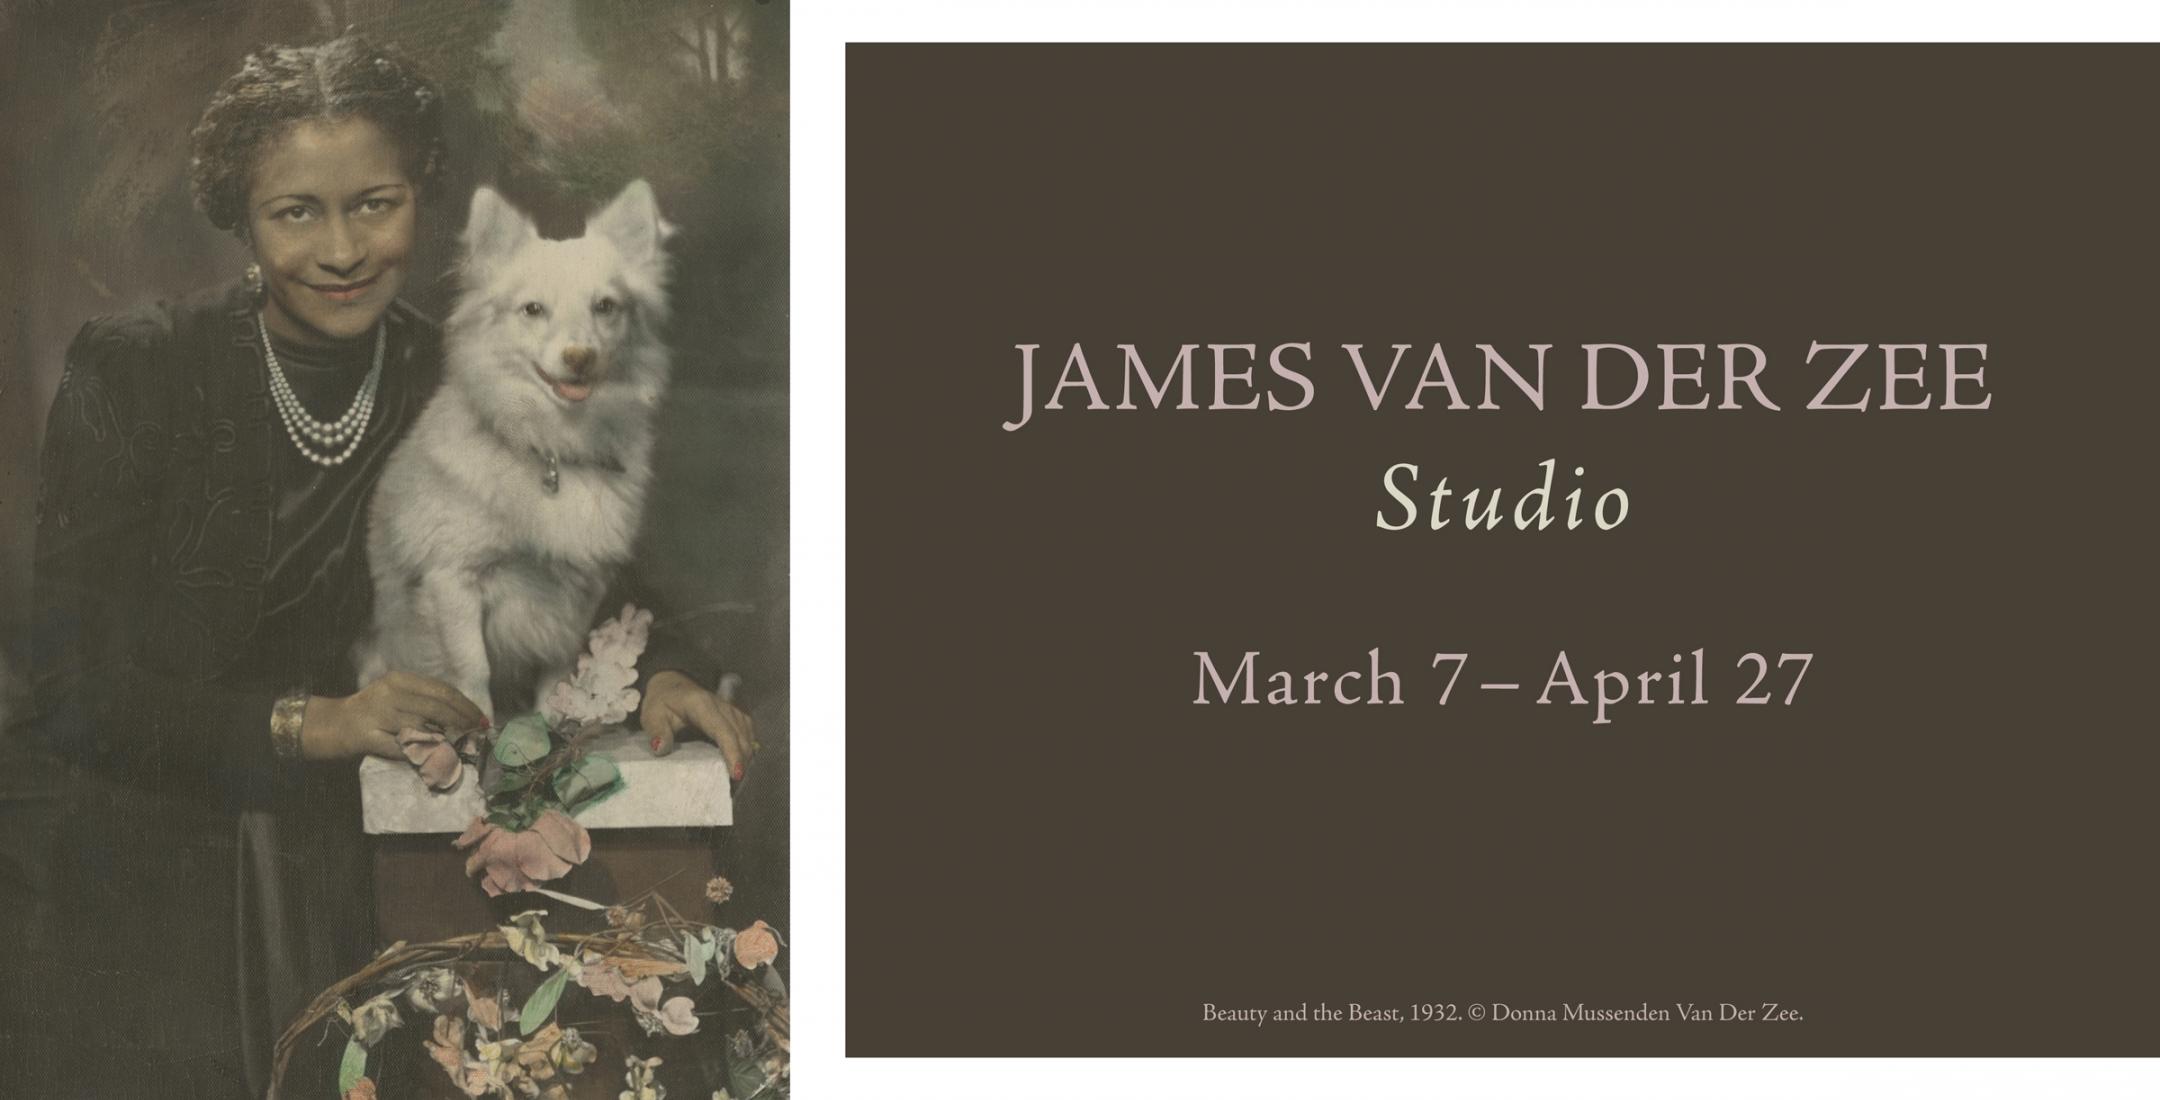 James van Der Zee: Studio, March 7 - April 27